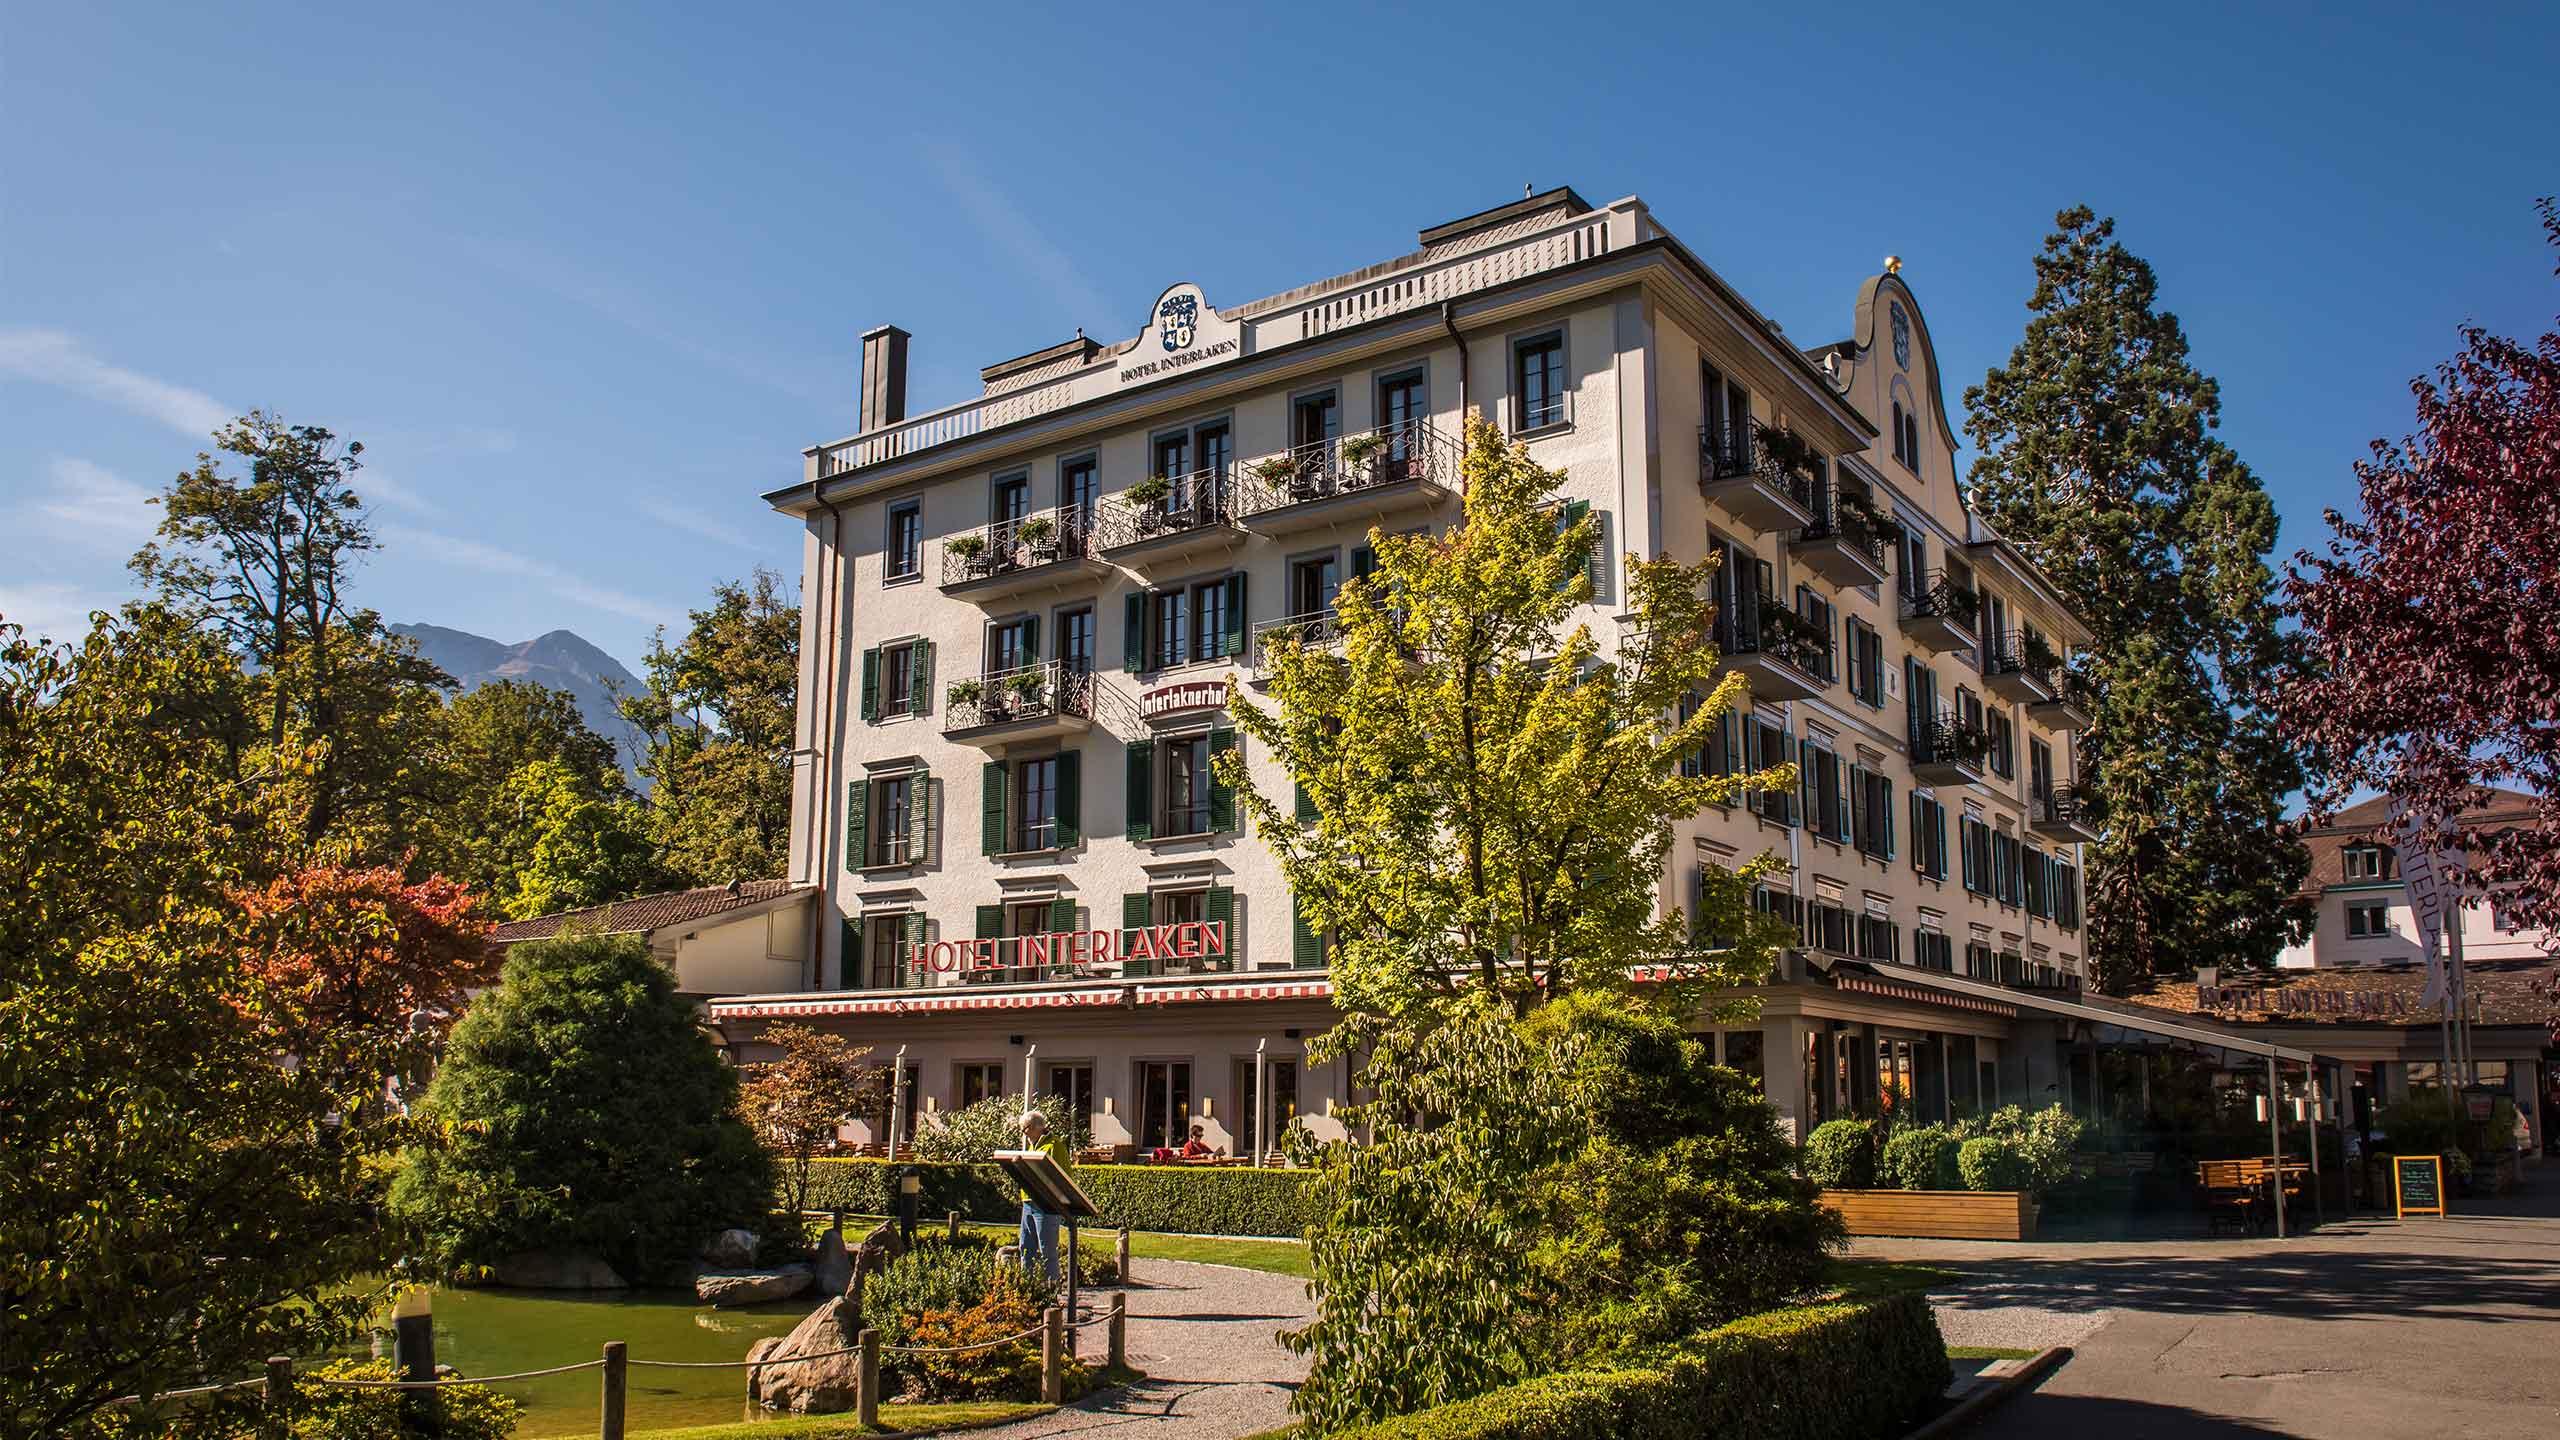 restaurant-taverne-hotel-interlaken-aussenansicht.jpg